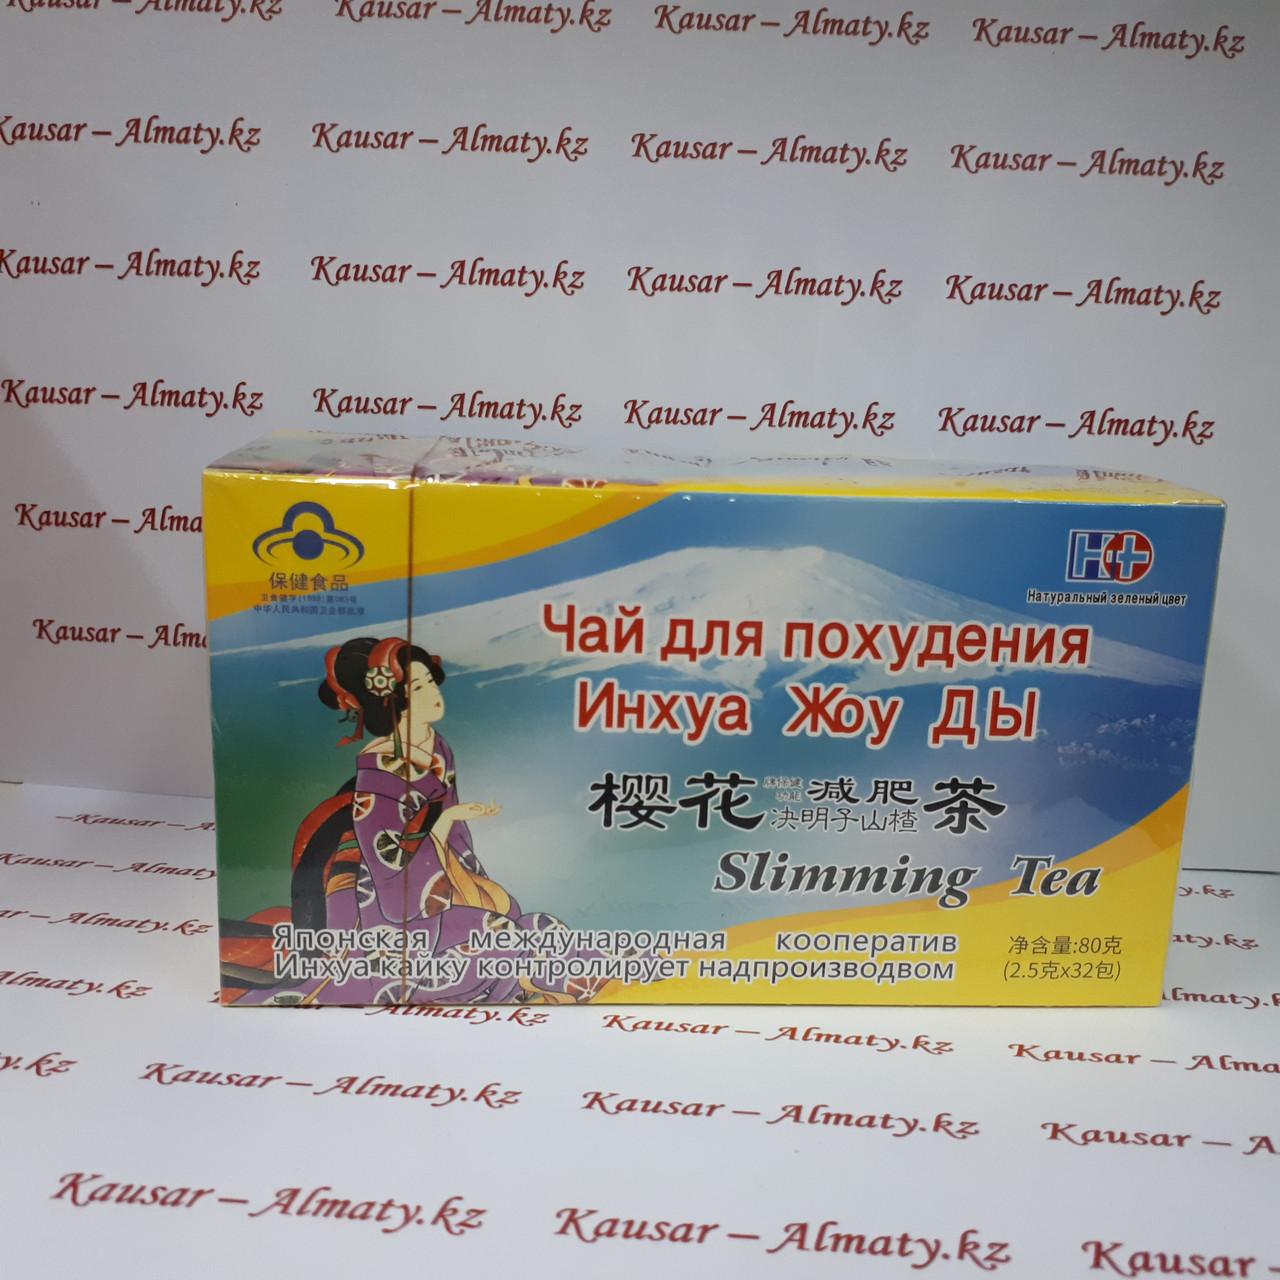 Чай для похудения - Инхуа Жоу Ды